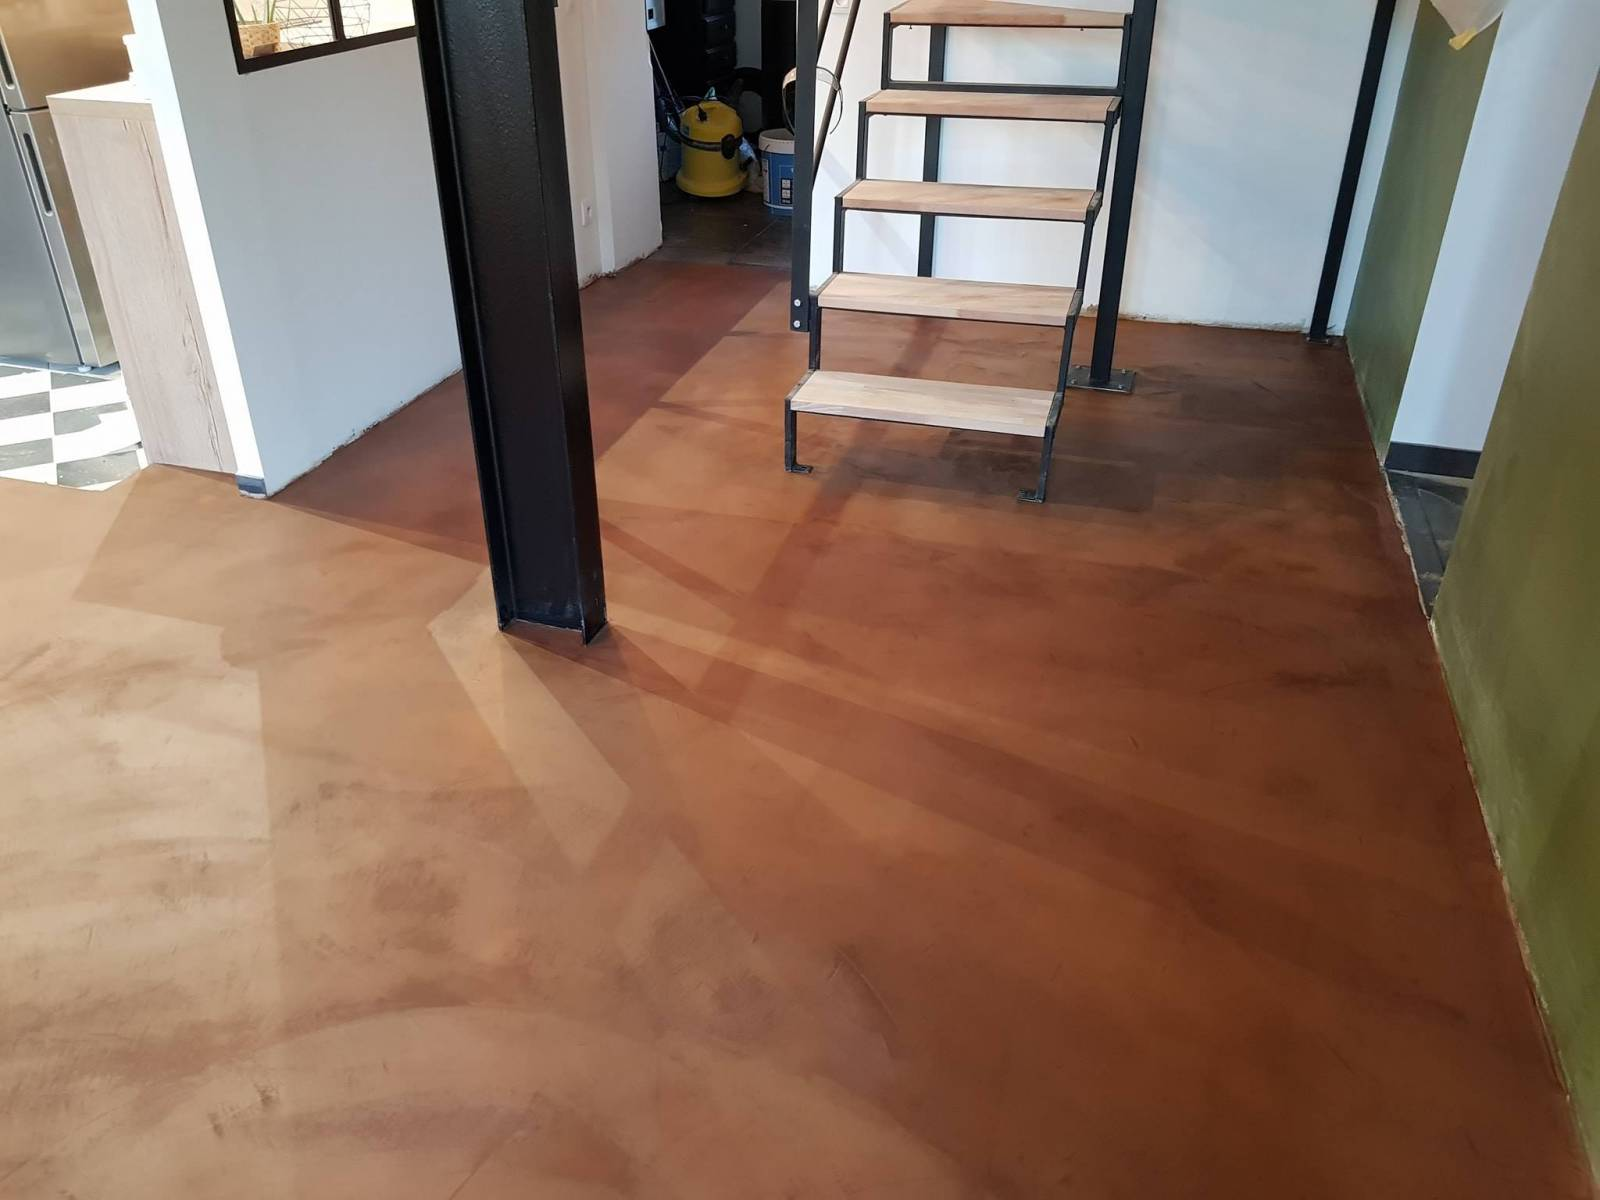 Beton Ciré Pour Salle De Bain professionnel pour l'application de béton ciré au sol dans